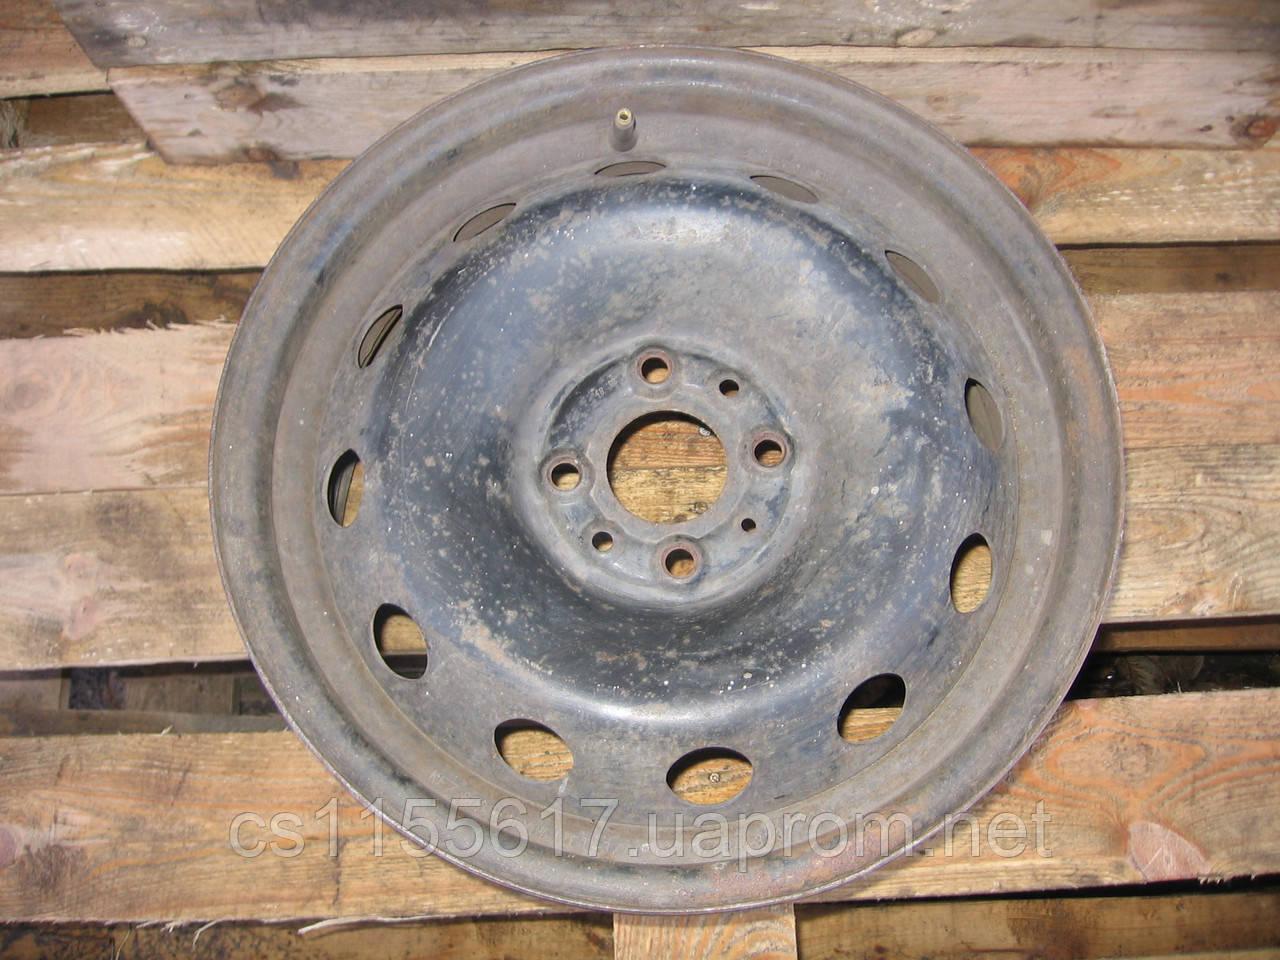 Стальной колесный диск KFZ 8085 (6.5Jx15, 4x98, ET43, 58) б/у на Fiat: Doblo, Brava, Stilo, Linea год 1986-90